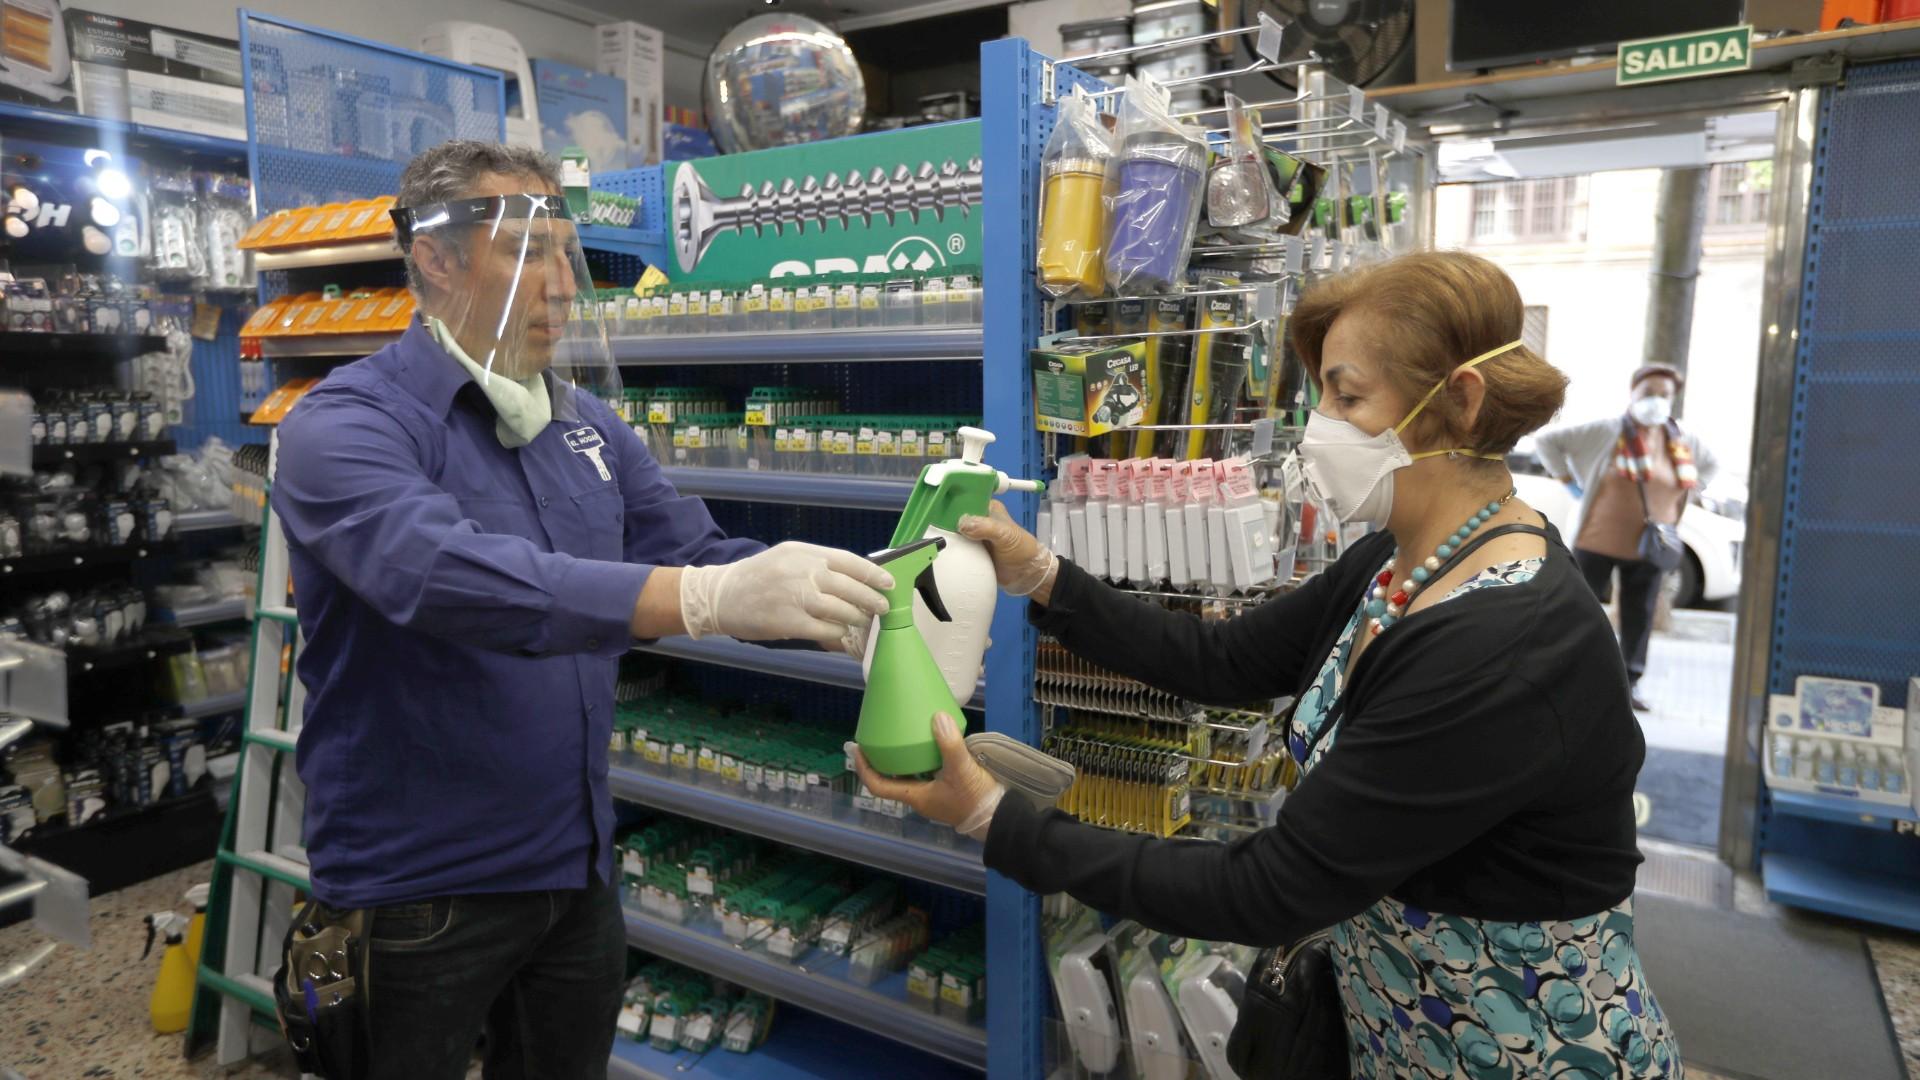 Pandemia: Las ventas minoristas cayeron fuertemente en el AMBA